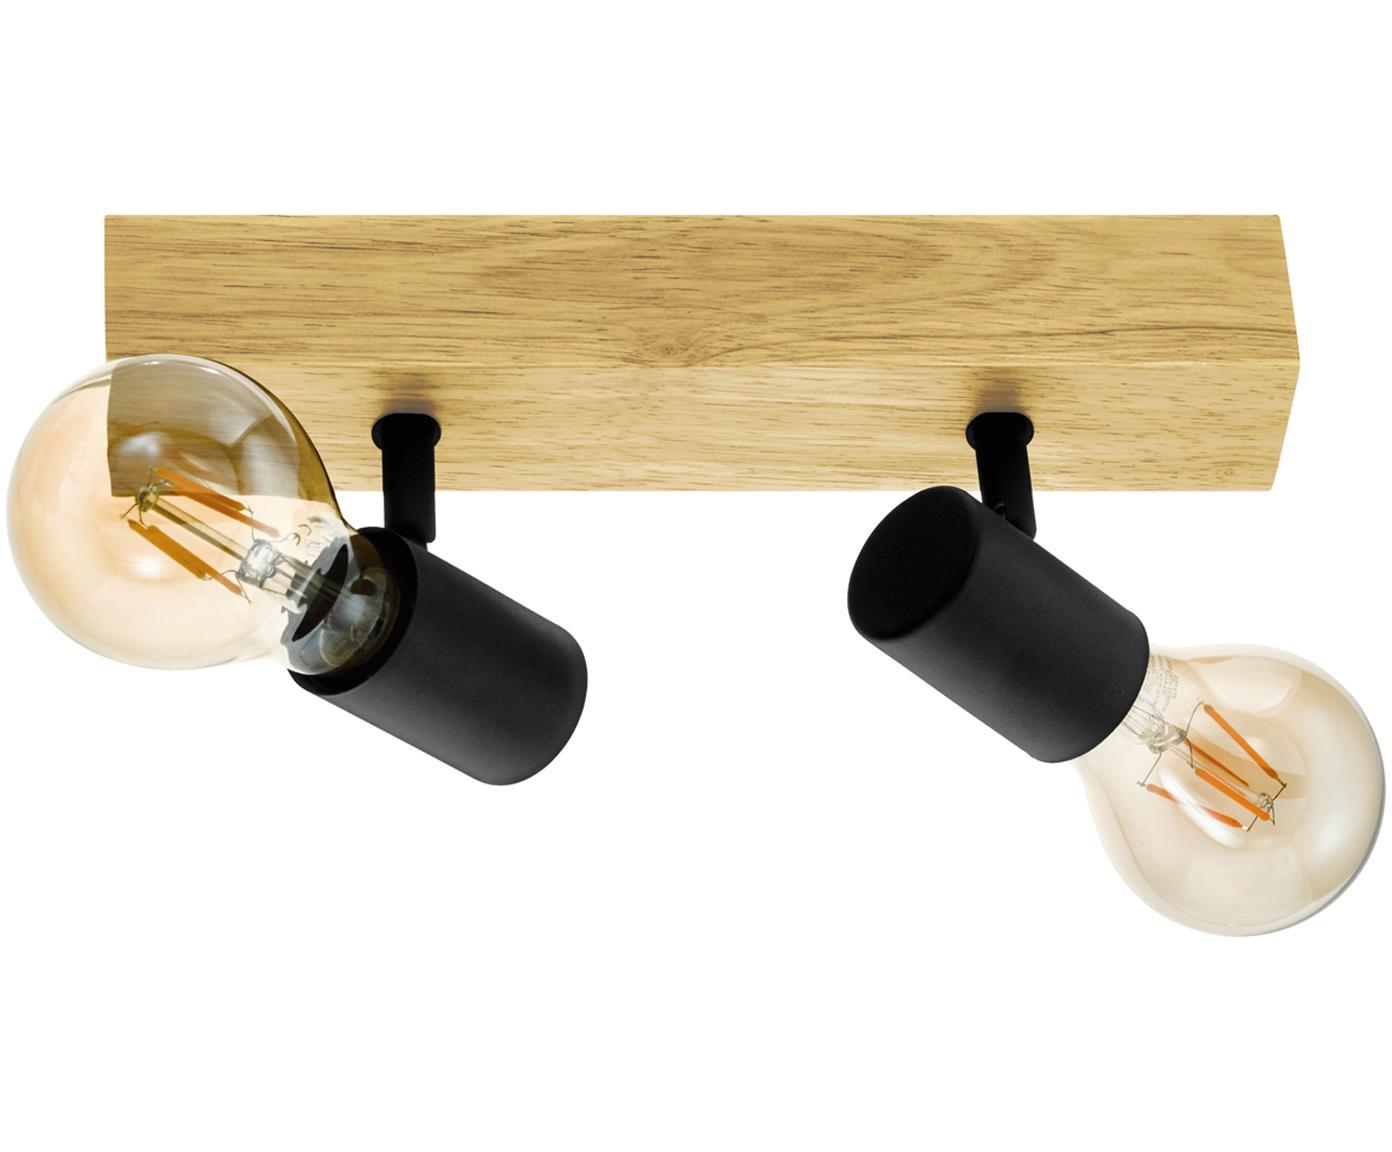 Deckenstrahler Townshend, Schwarz, Holz, 30 x 13 cm